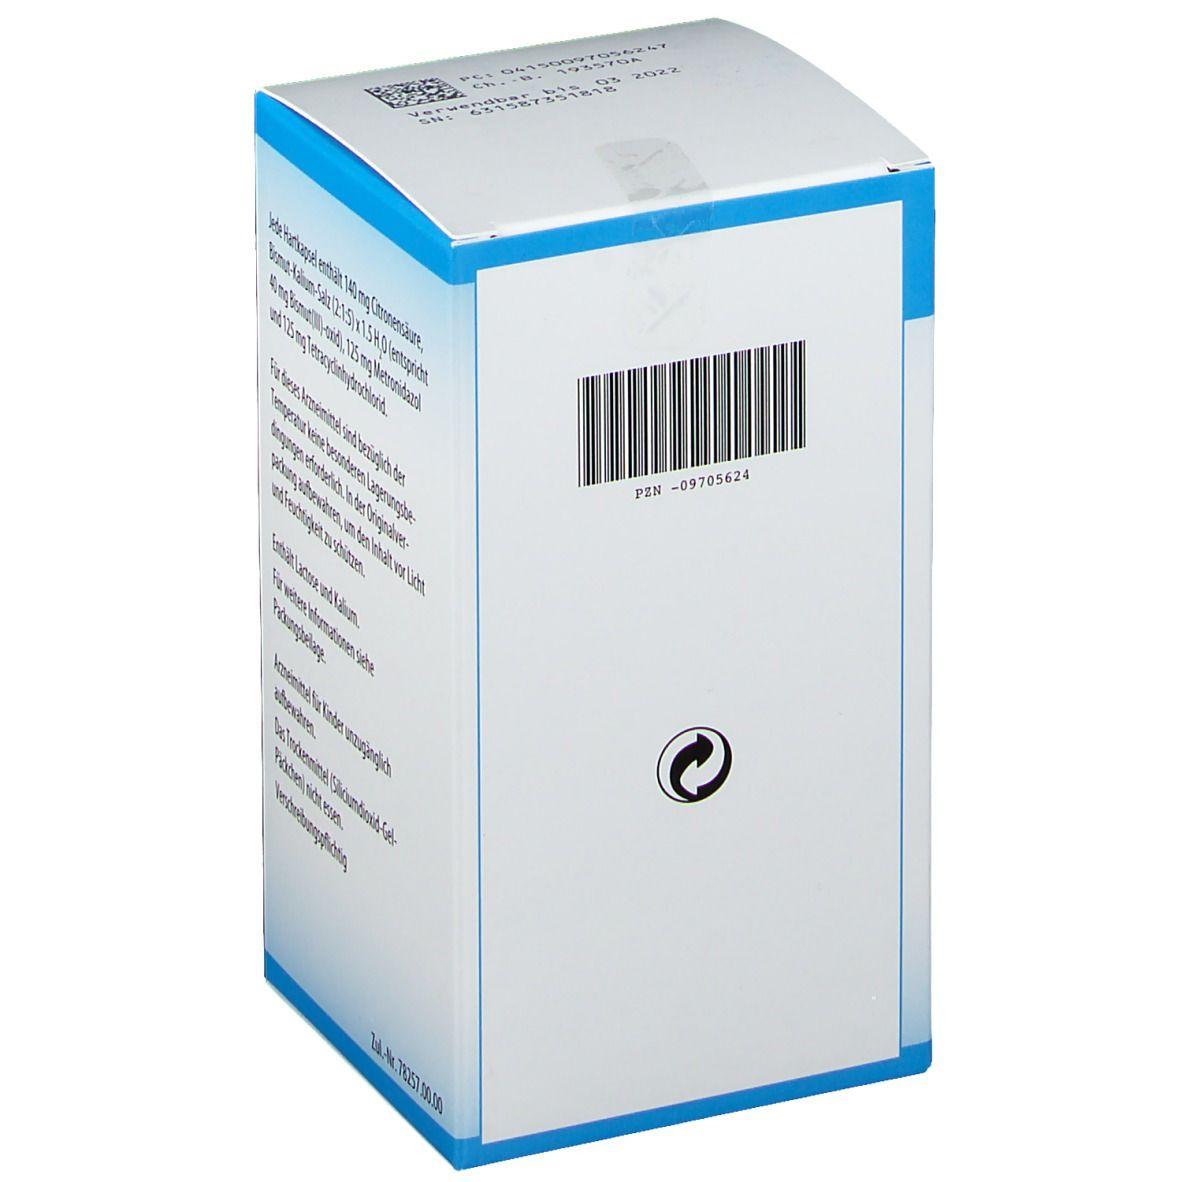 Milchprodukte pylera Beipackzettel von